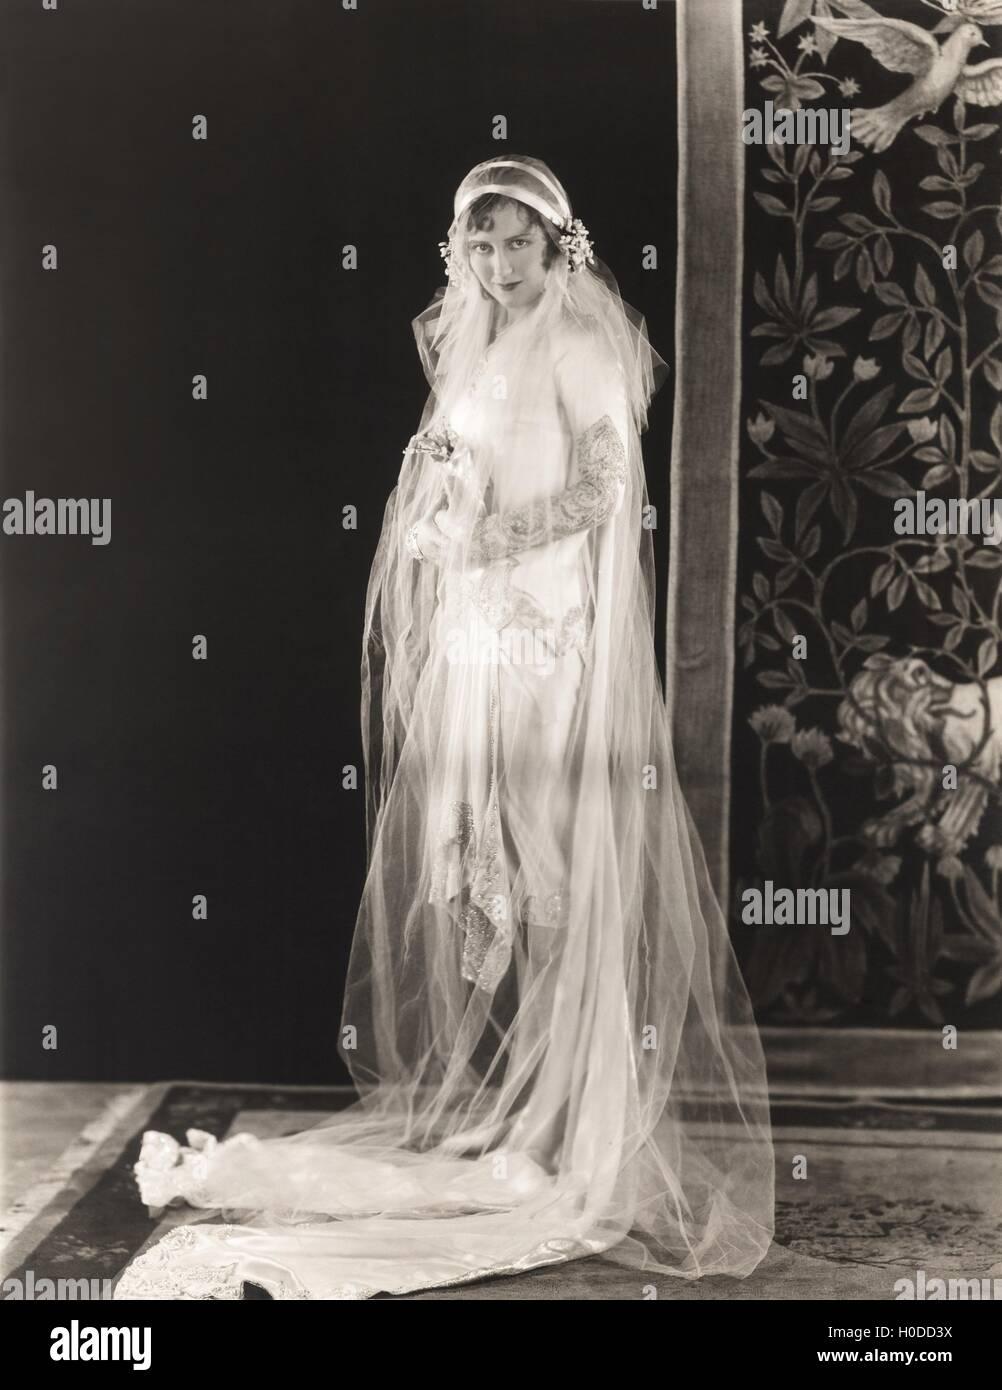 5b0d3974d7 Novia vestidos de manga larga vestido de novia cubiertos por velo largo